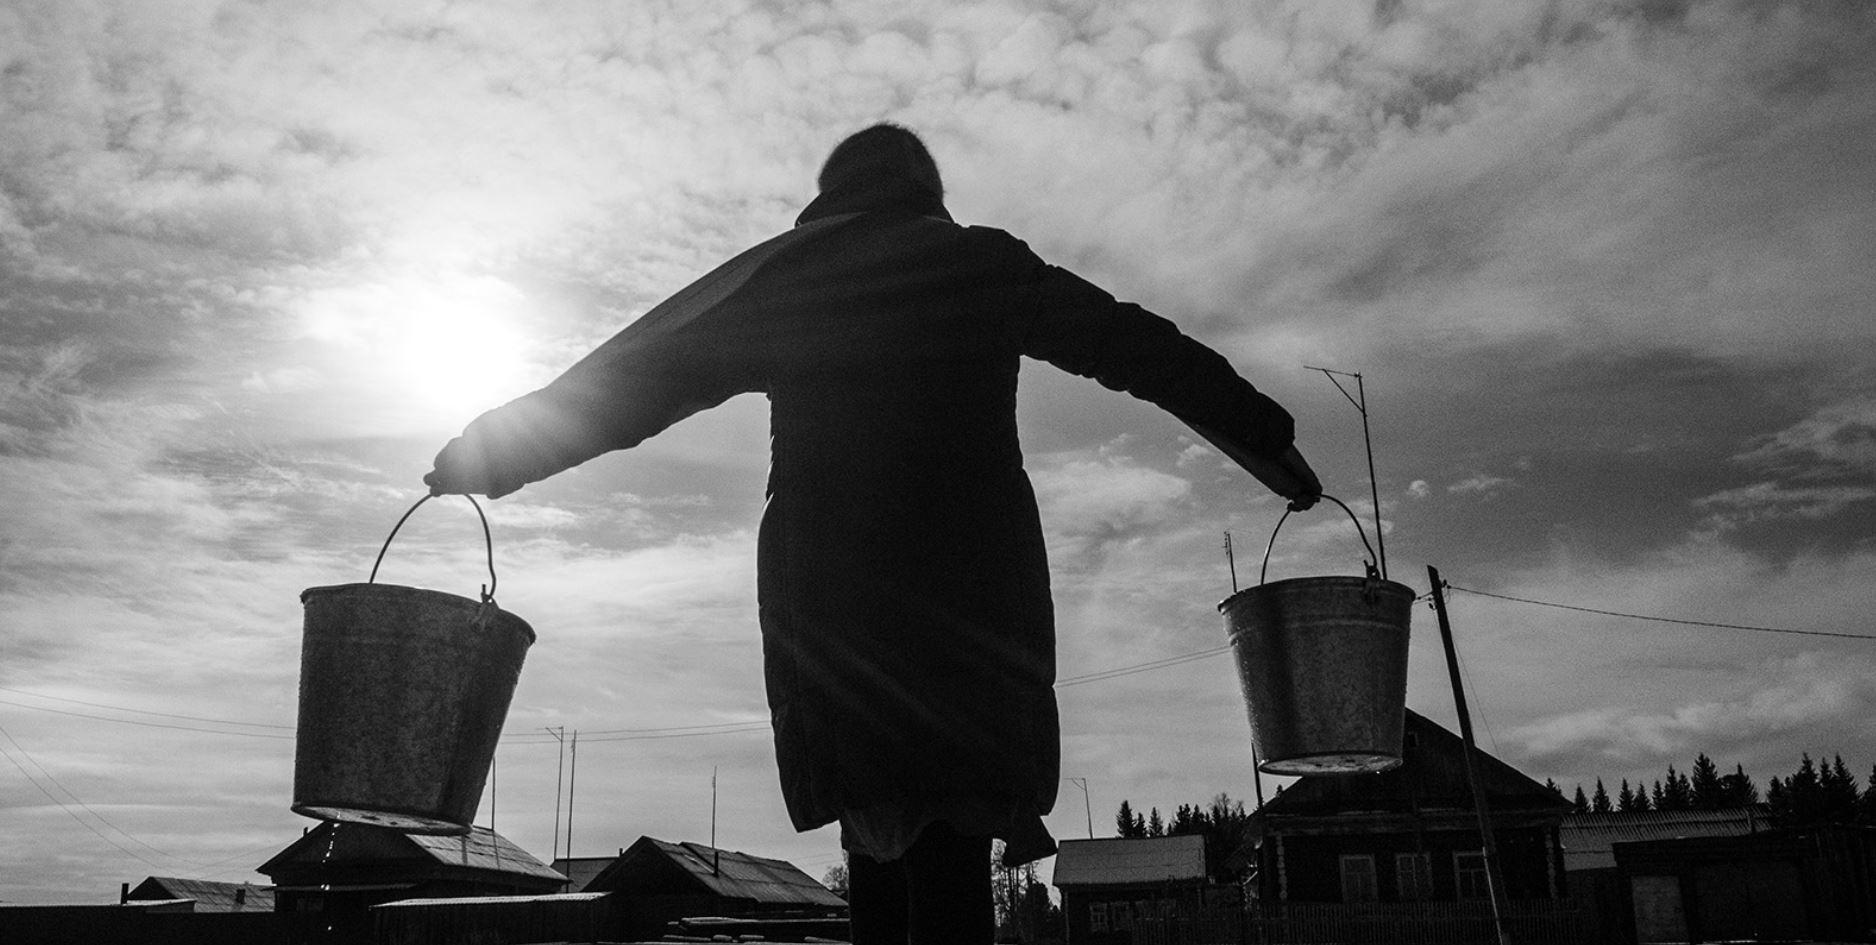 Toute la semaine, nous vous présenterons le travail d'un des photographes réunis dans le programme  CloseUp Russia , qui se fixe comme objectif de documenter la vie quotidienne en Russie.